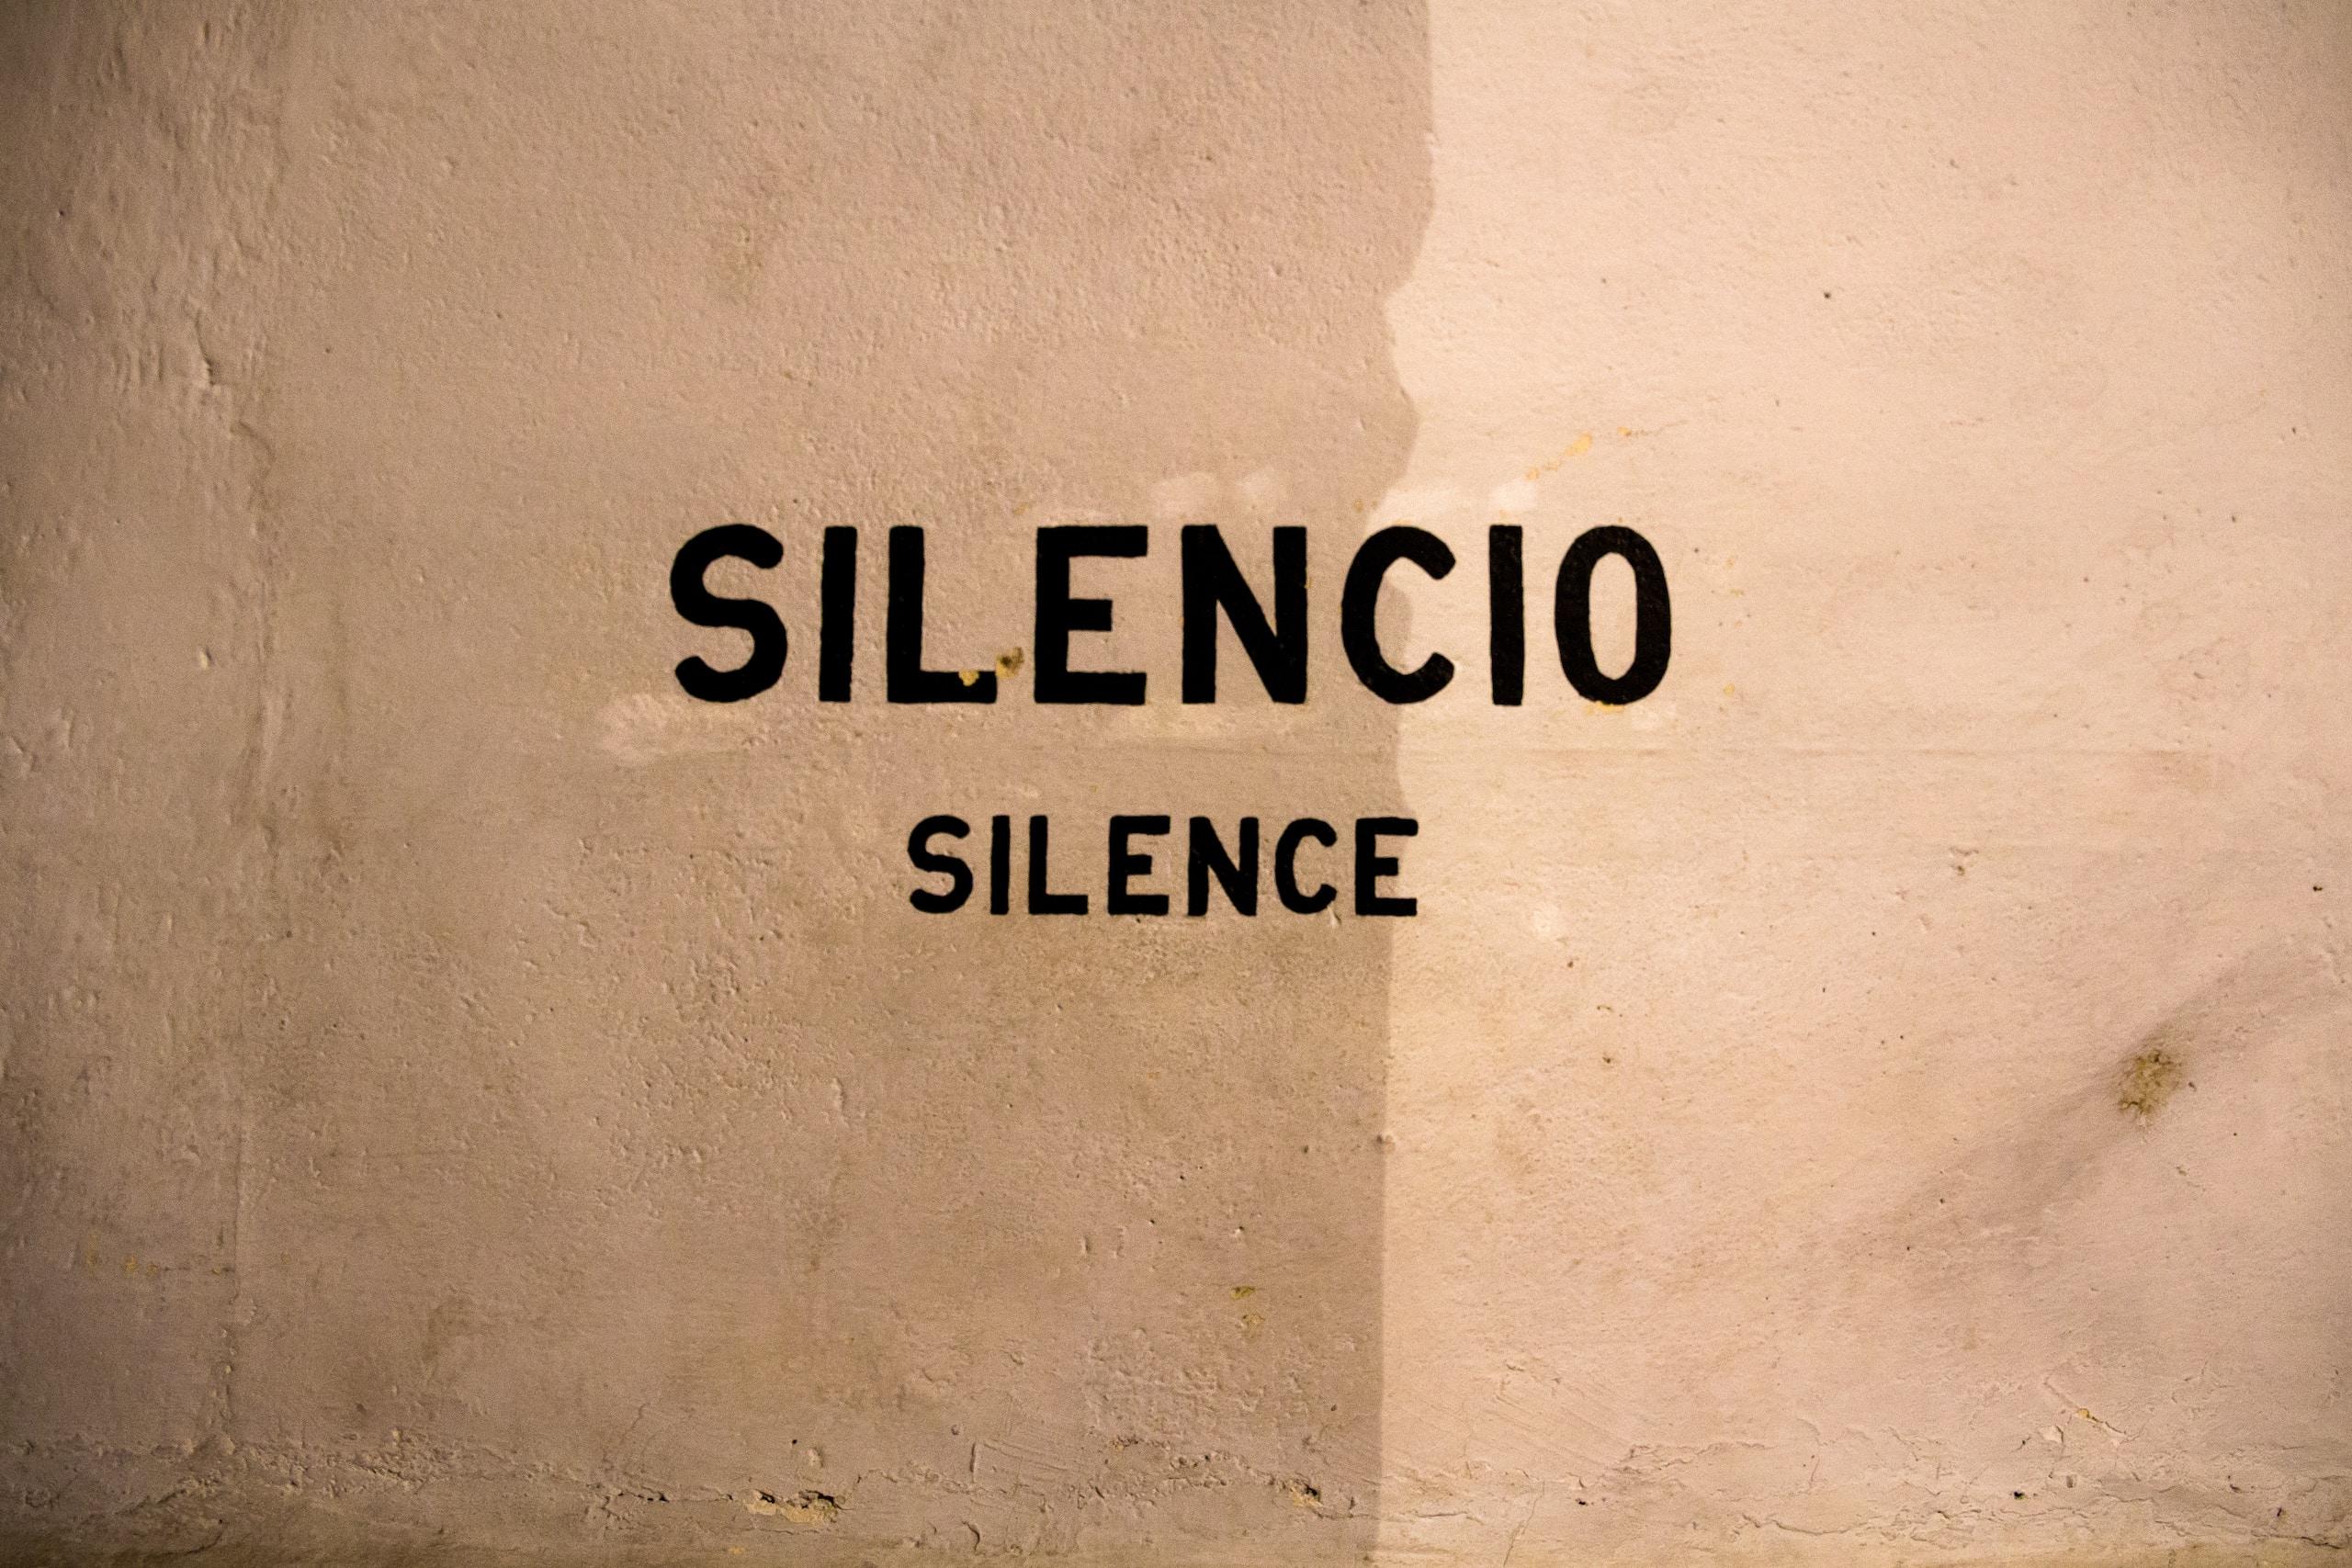 Silencio Silence pack